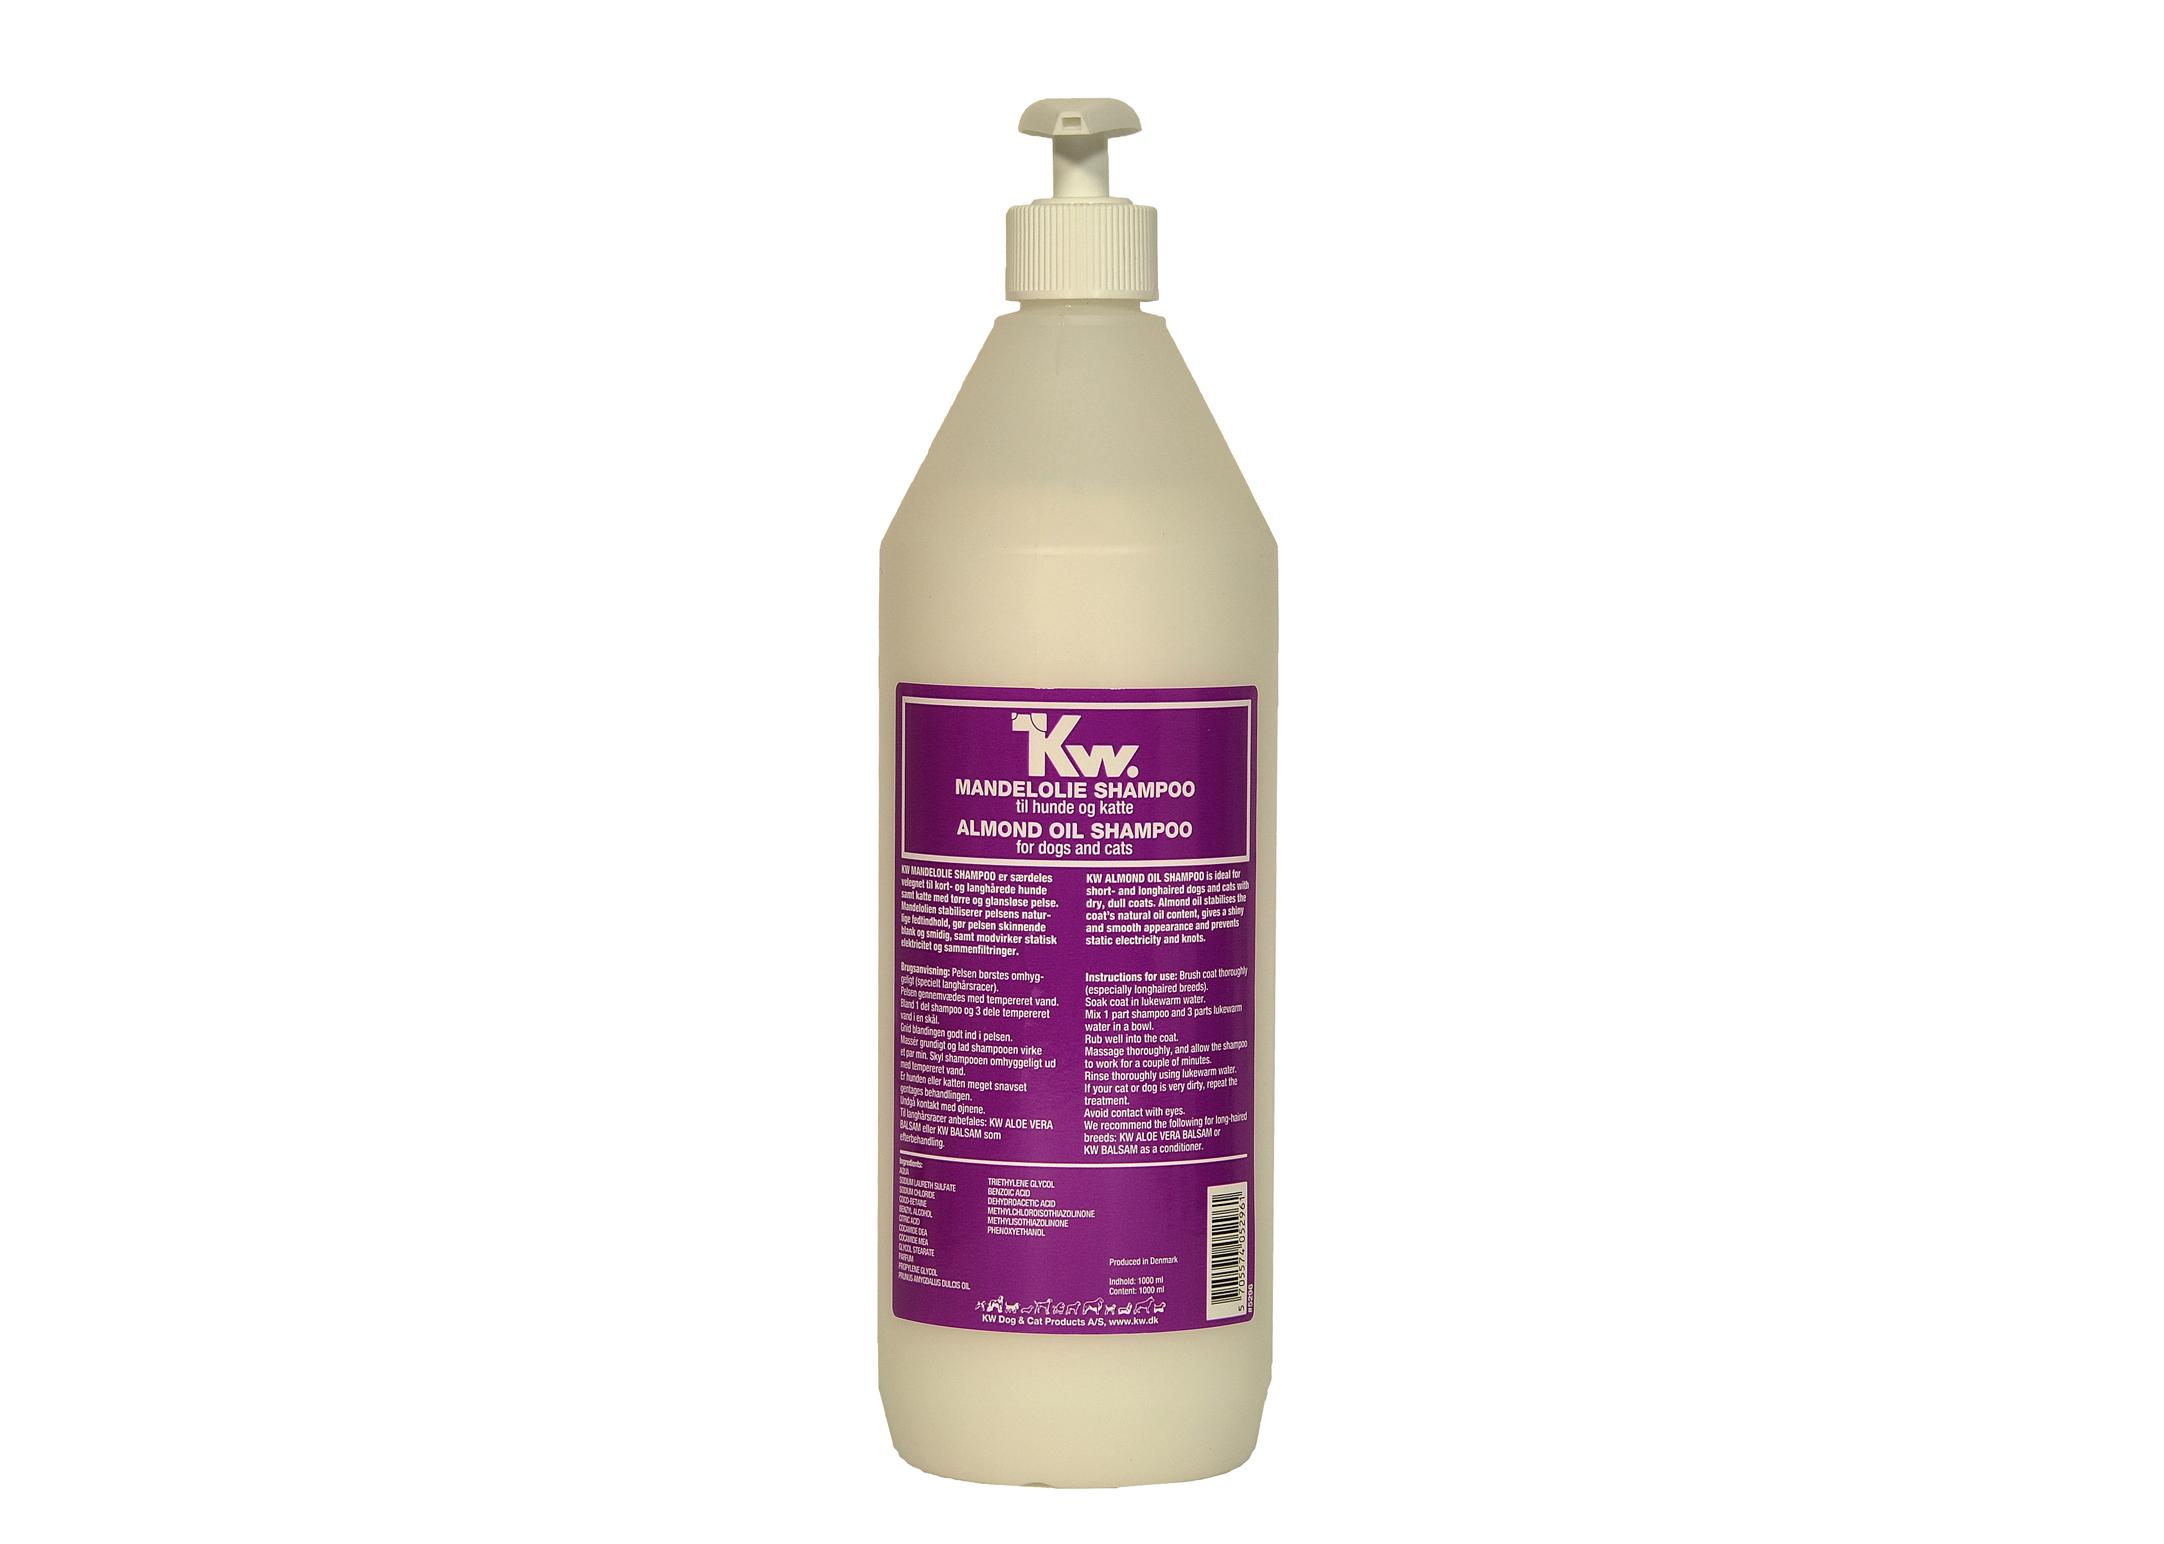 KW Almond Oil Shampoo 1L